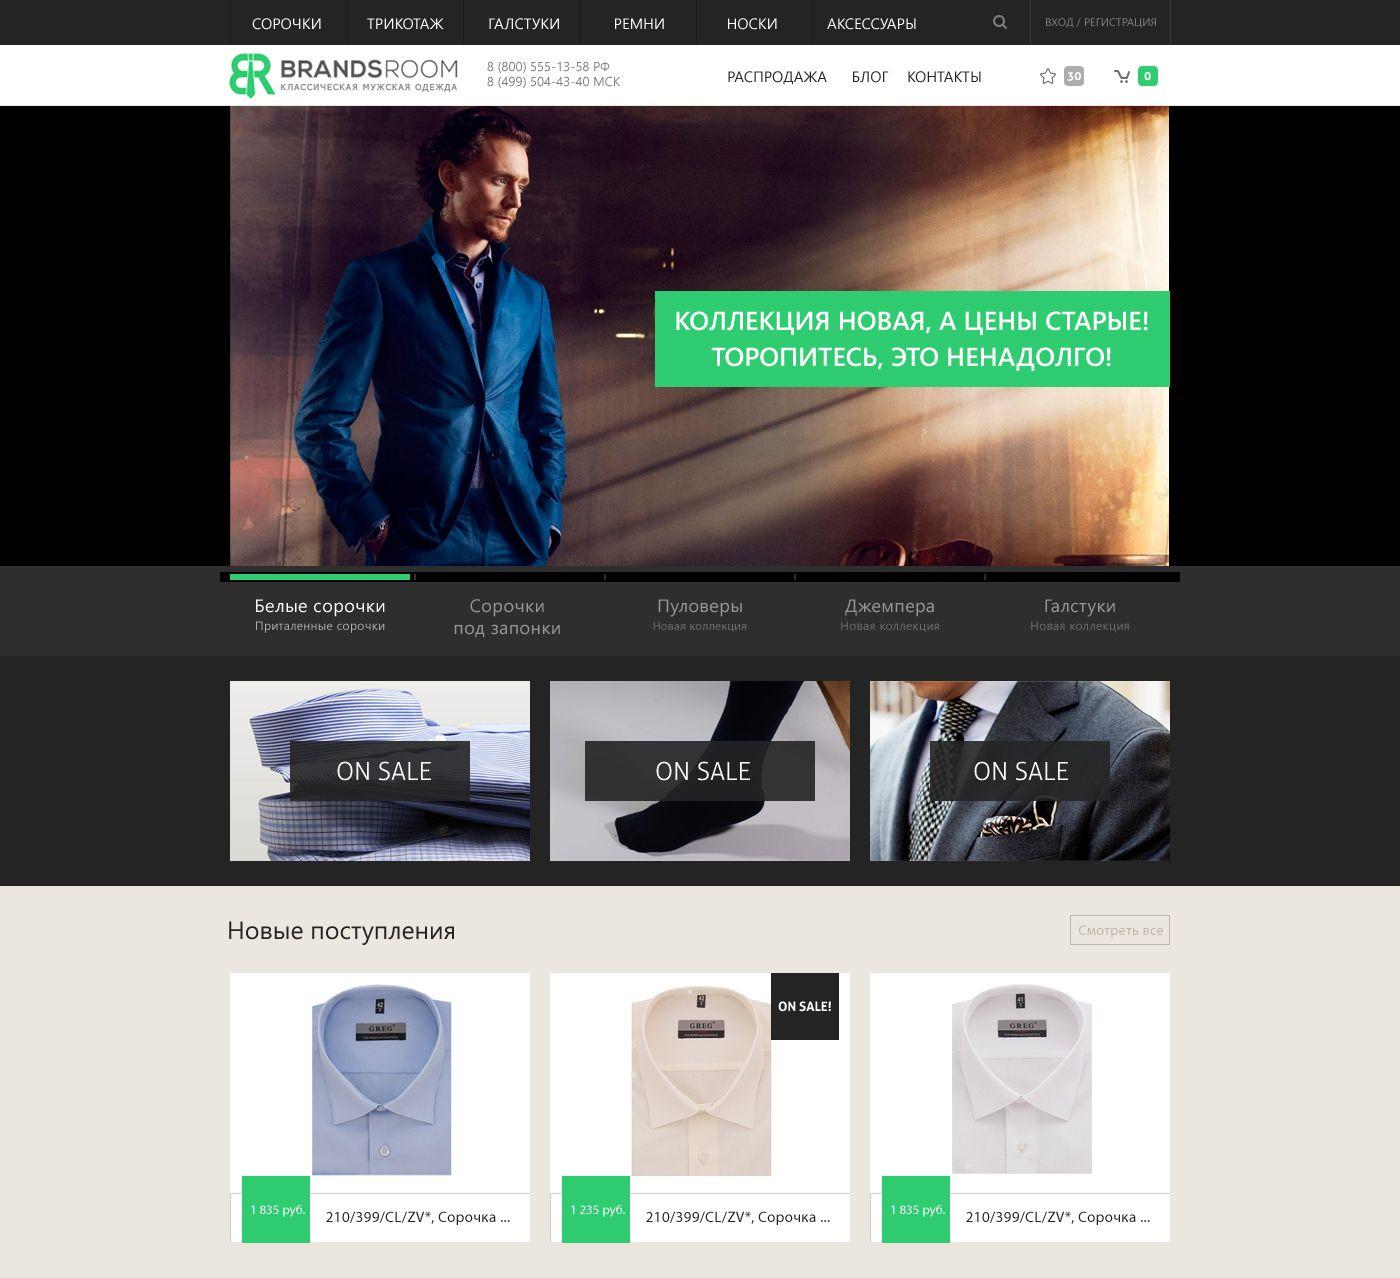 Редизайн главной страницы интернет-магазина - дизайнер PoliBod